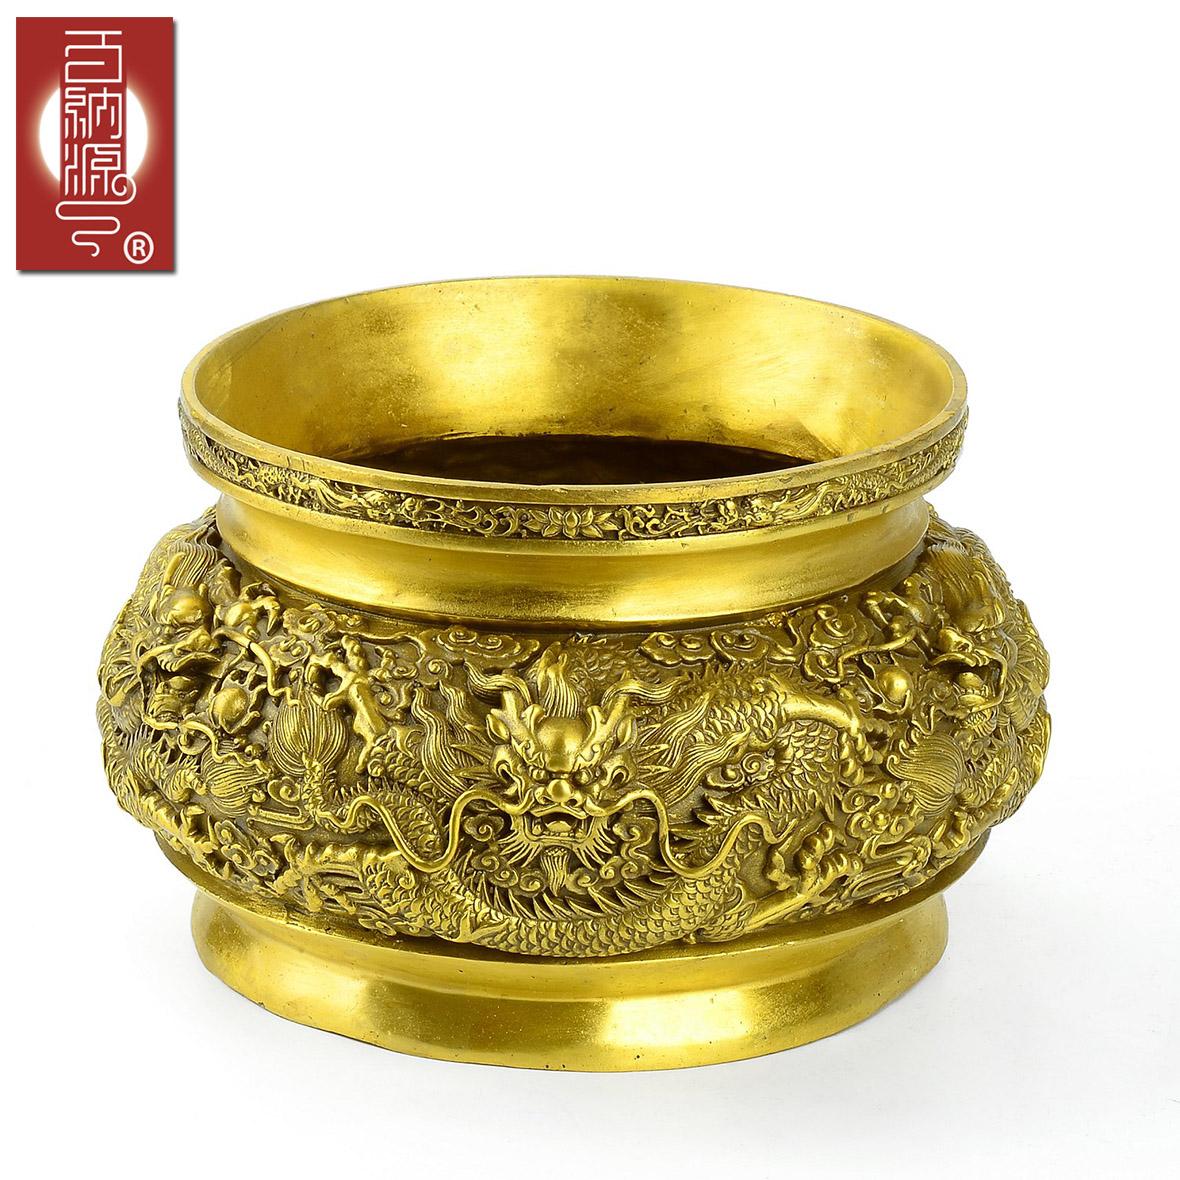 百纳源 九龙香炉 家用纯铜观音财神供奉香炉 烧香炉大号佛堂